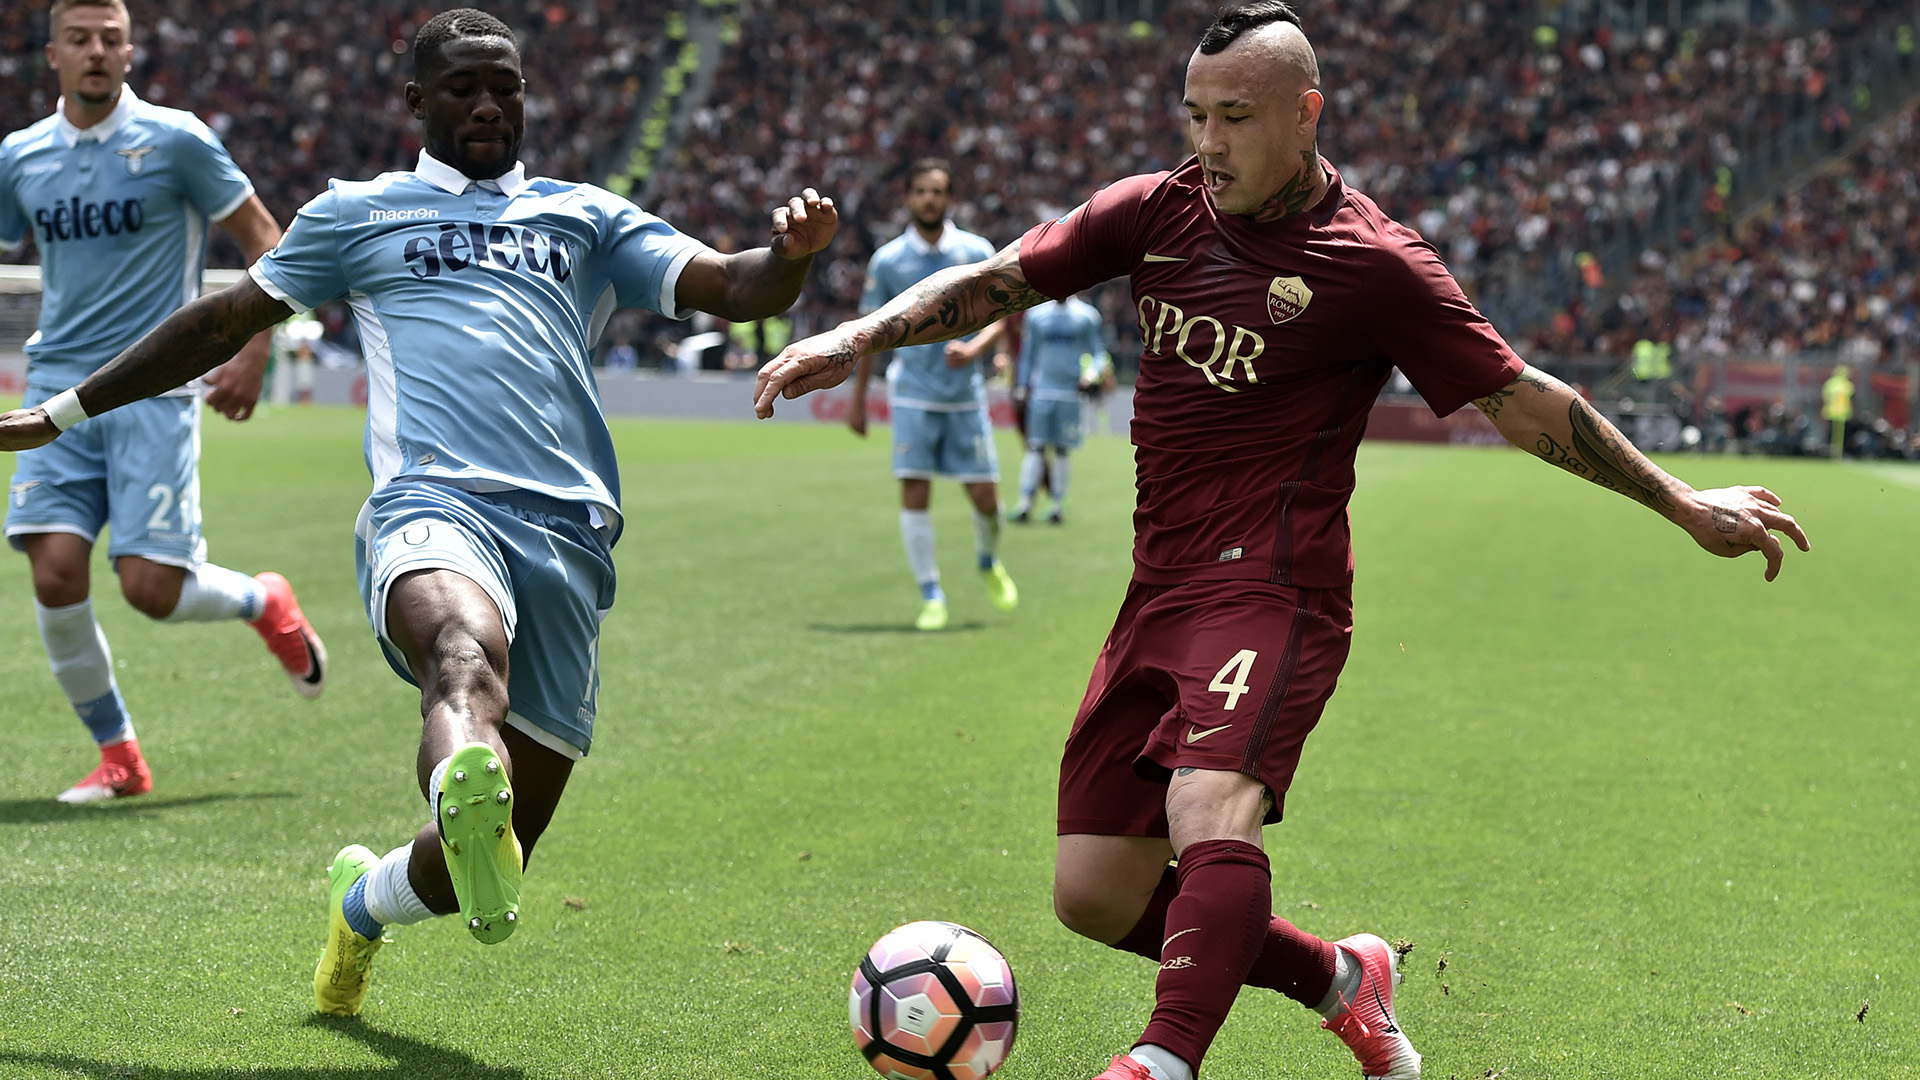 Roma-Lazio, torna Rocchi: giallorossi imbattuti in casa nei derby